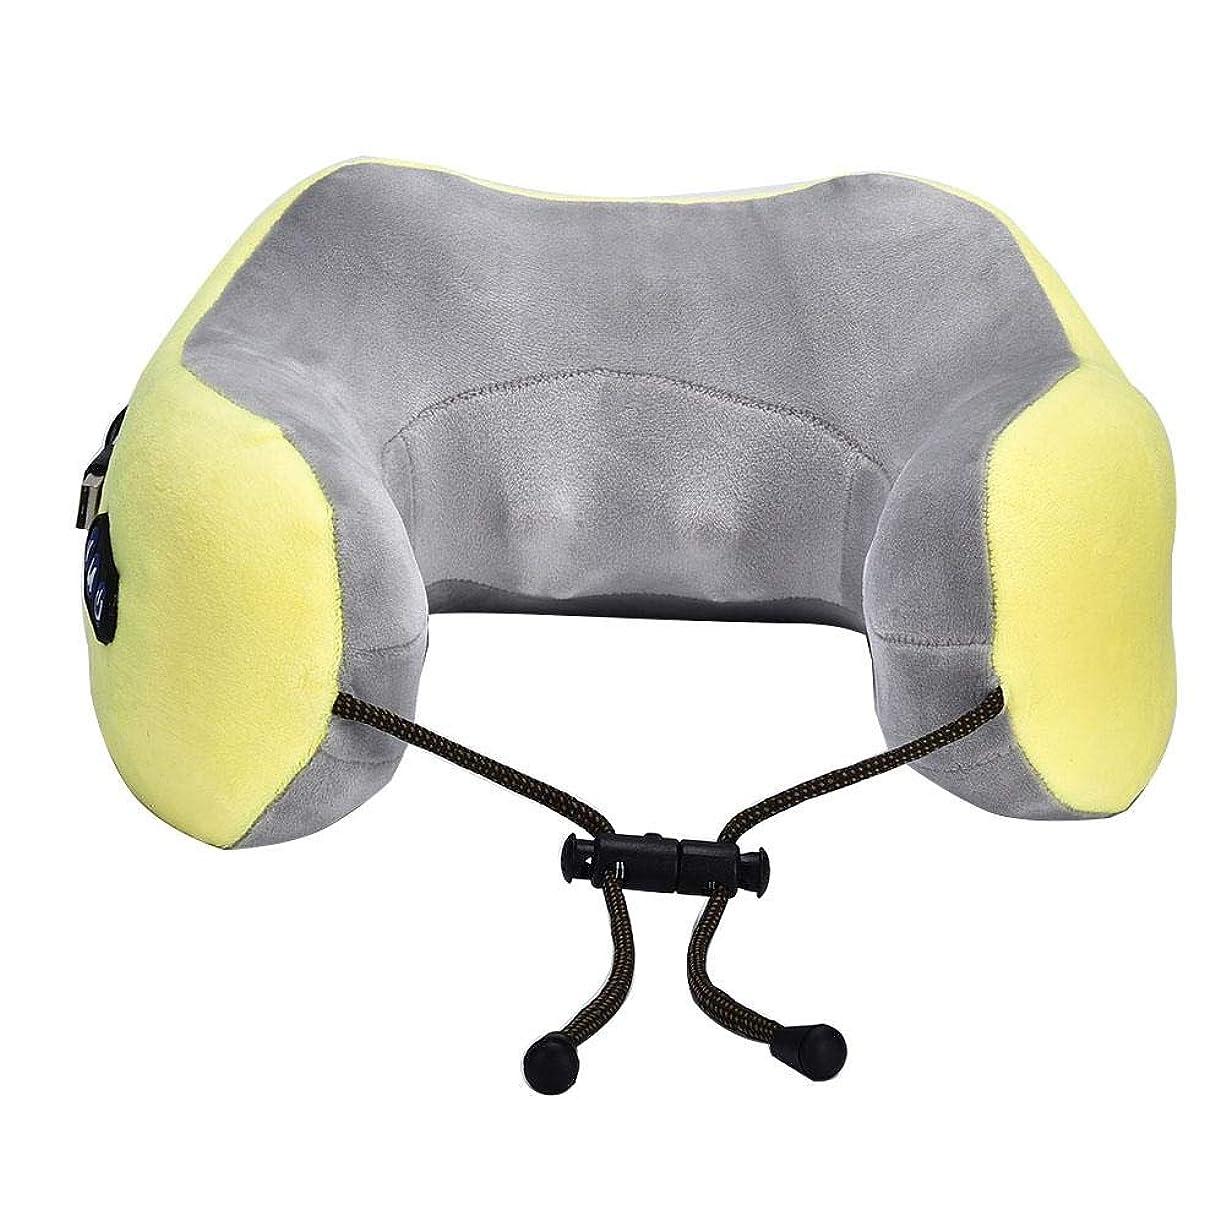 ペース症状リラックスした首?マッサージャー、深いレベルの首のマッサージャー男性/女性/ママ/お父さんのための最高の贈り物のために存在 - 首、背中、肩、ウエスト、脚、足と筋肉のための深い混練マッサージ